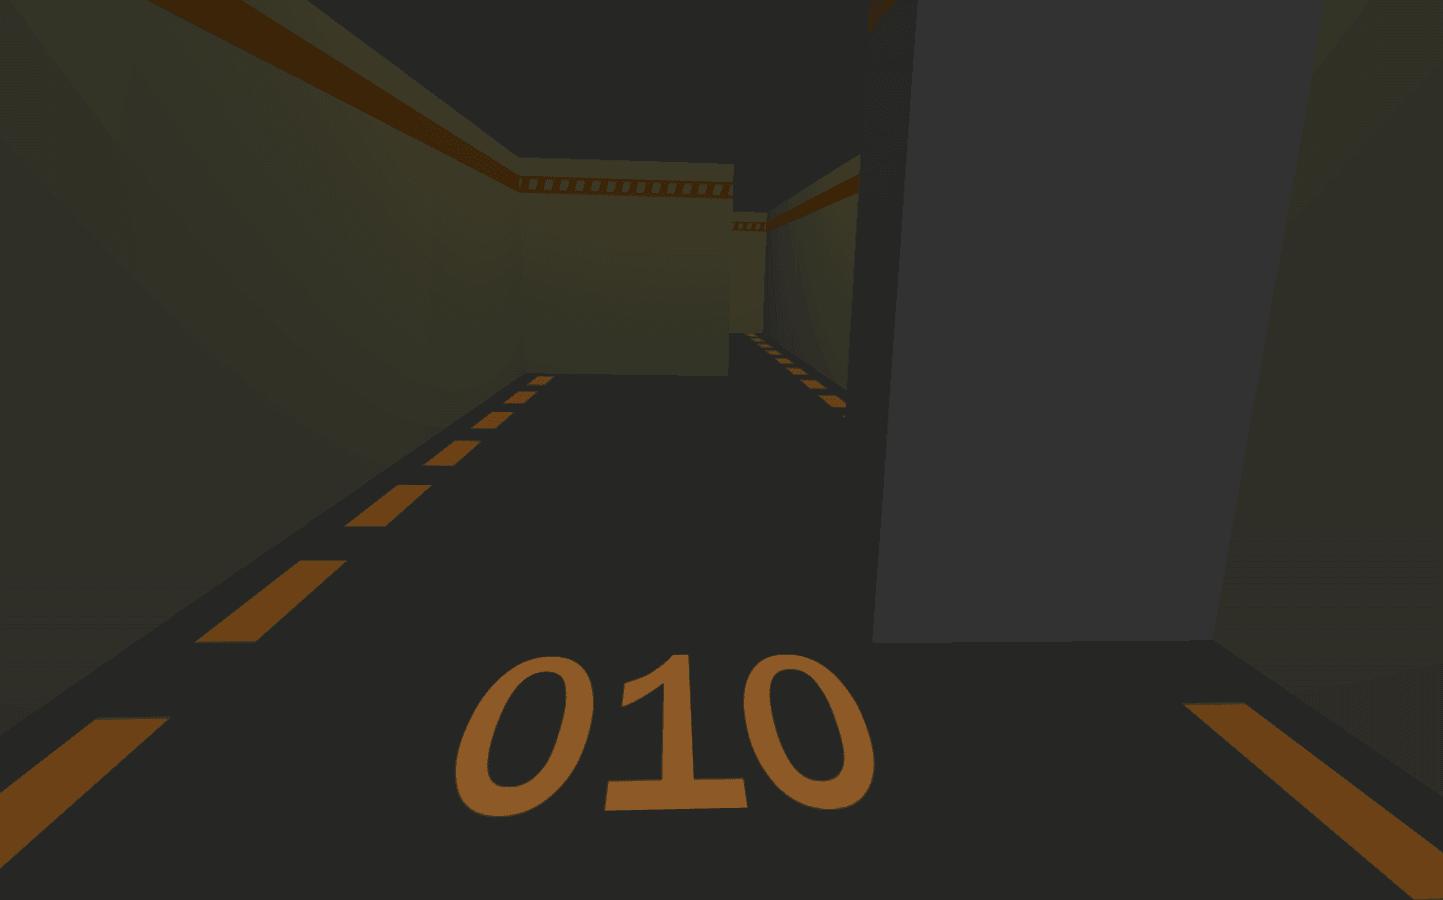 Corridoom VR